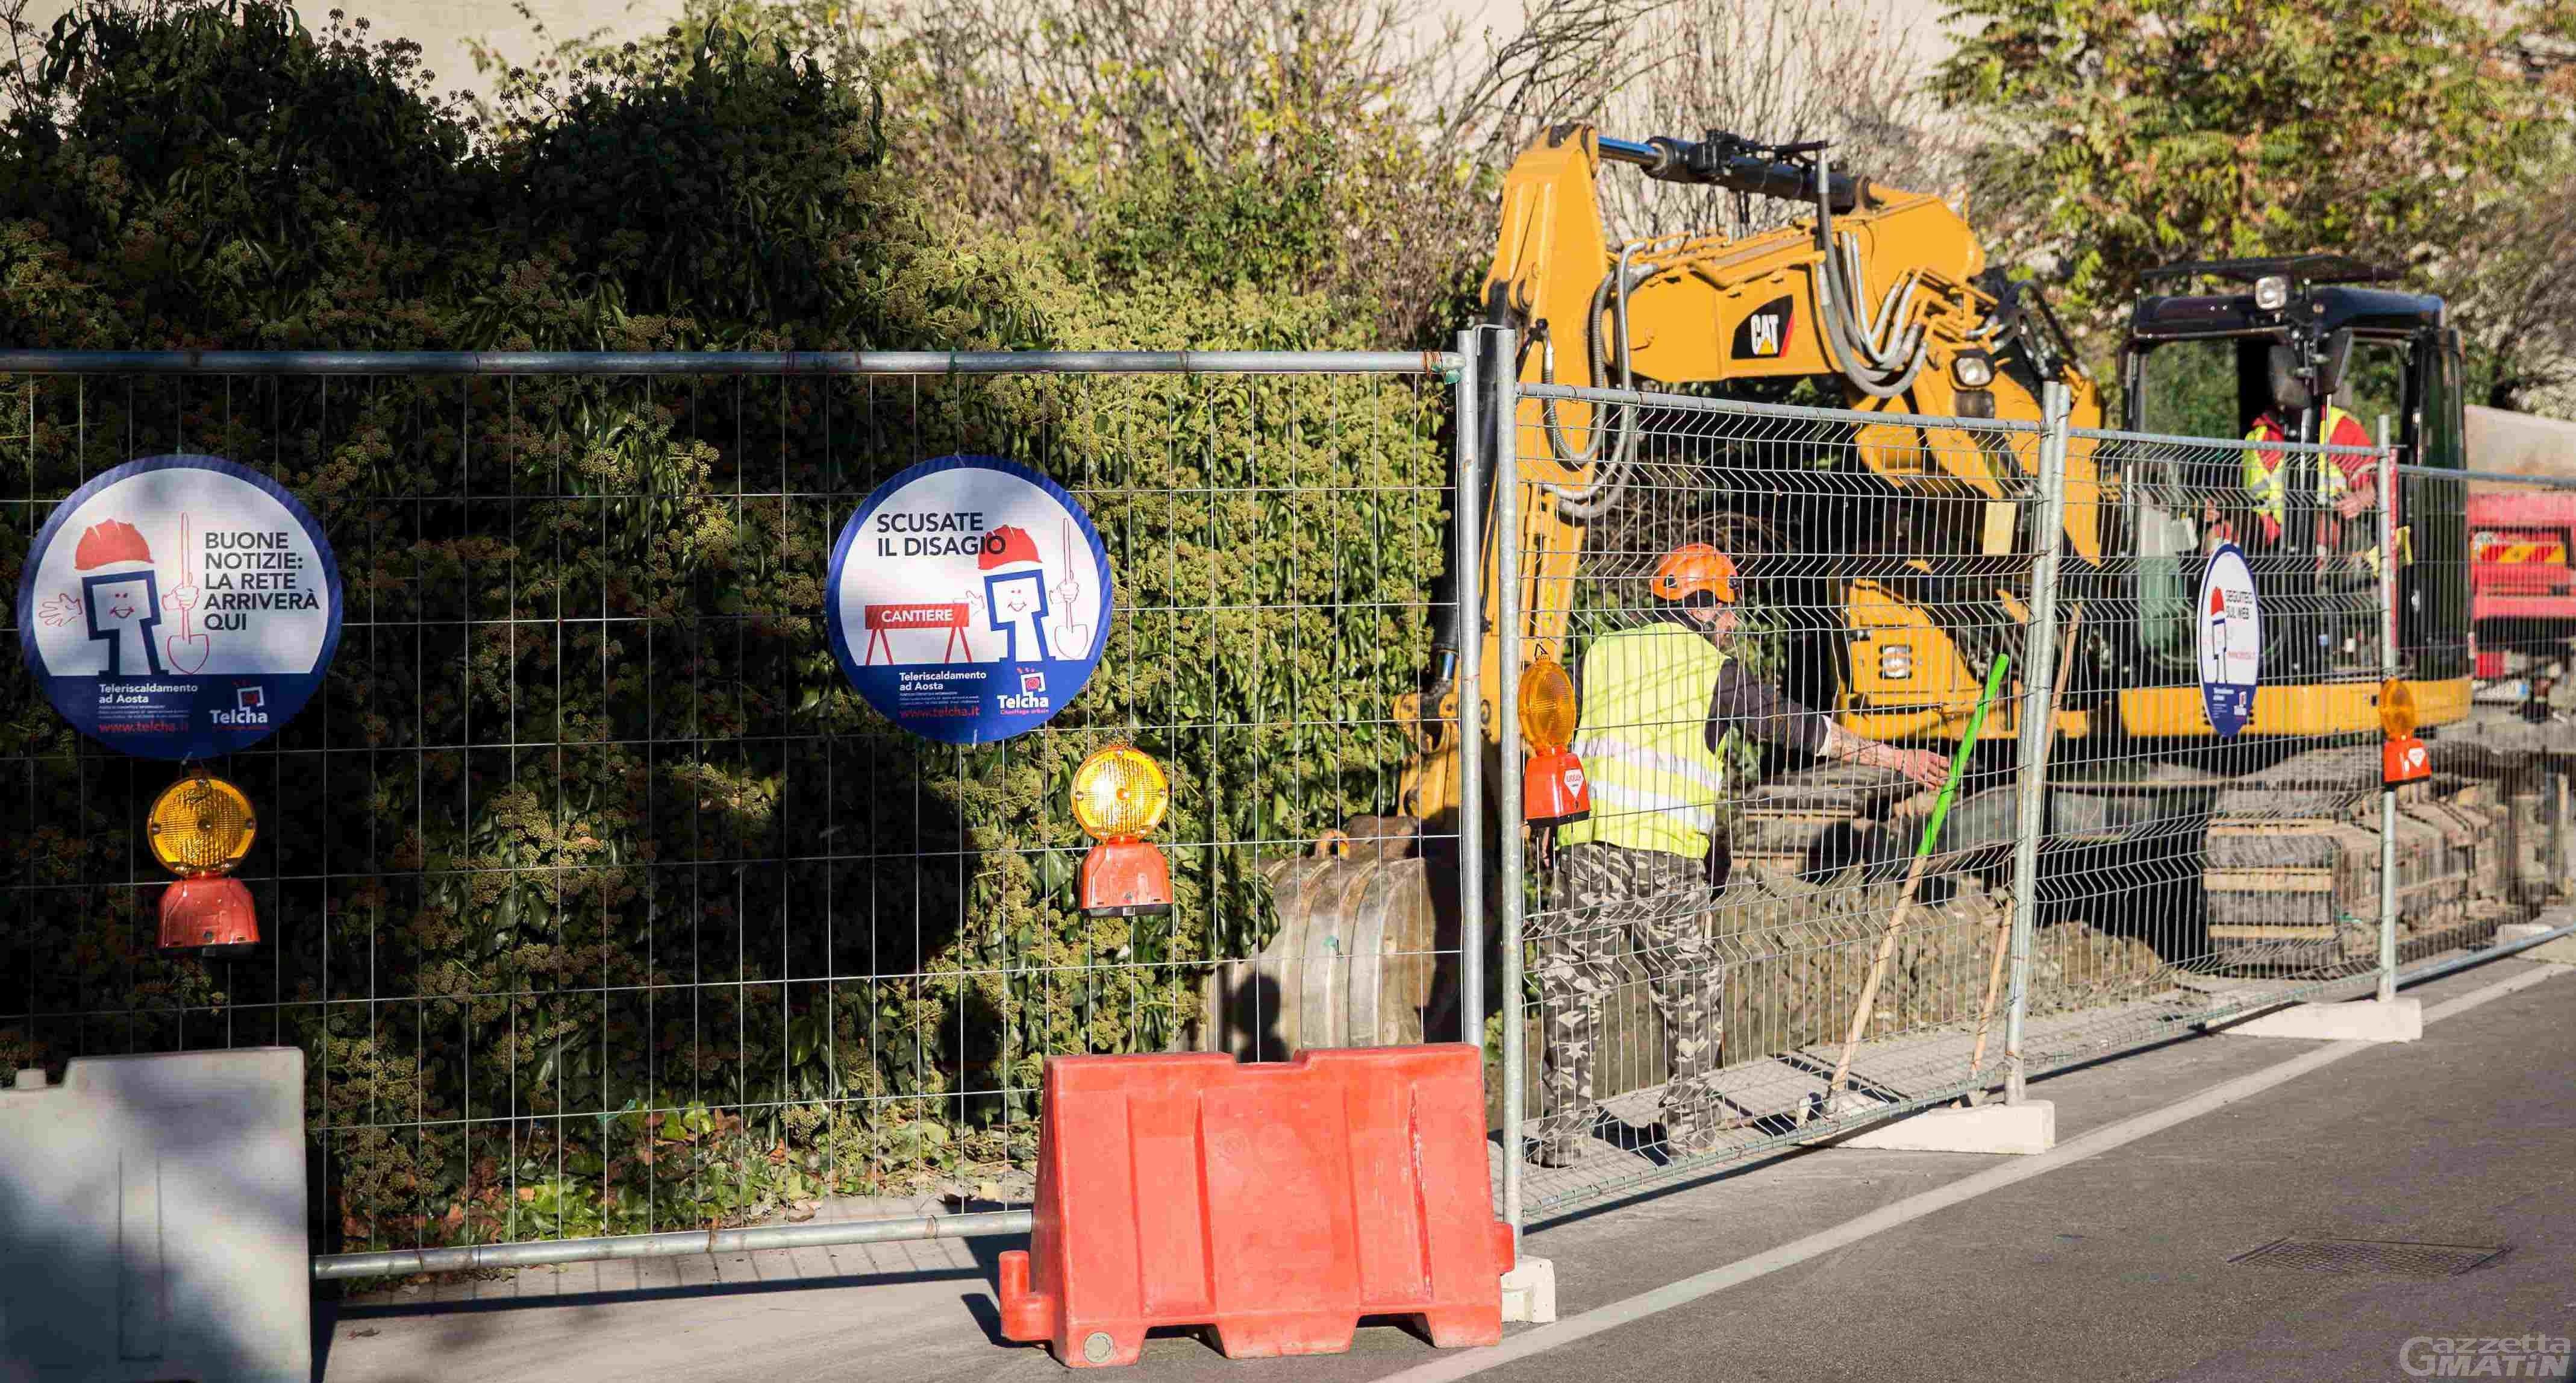 Teleriscaldamento: sono iniziati i lavori in tre zone di Aosta